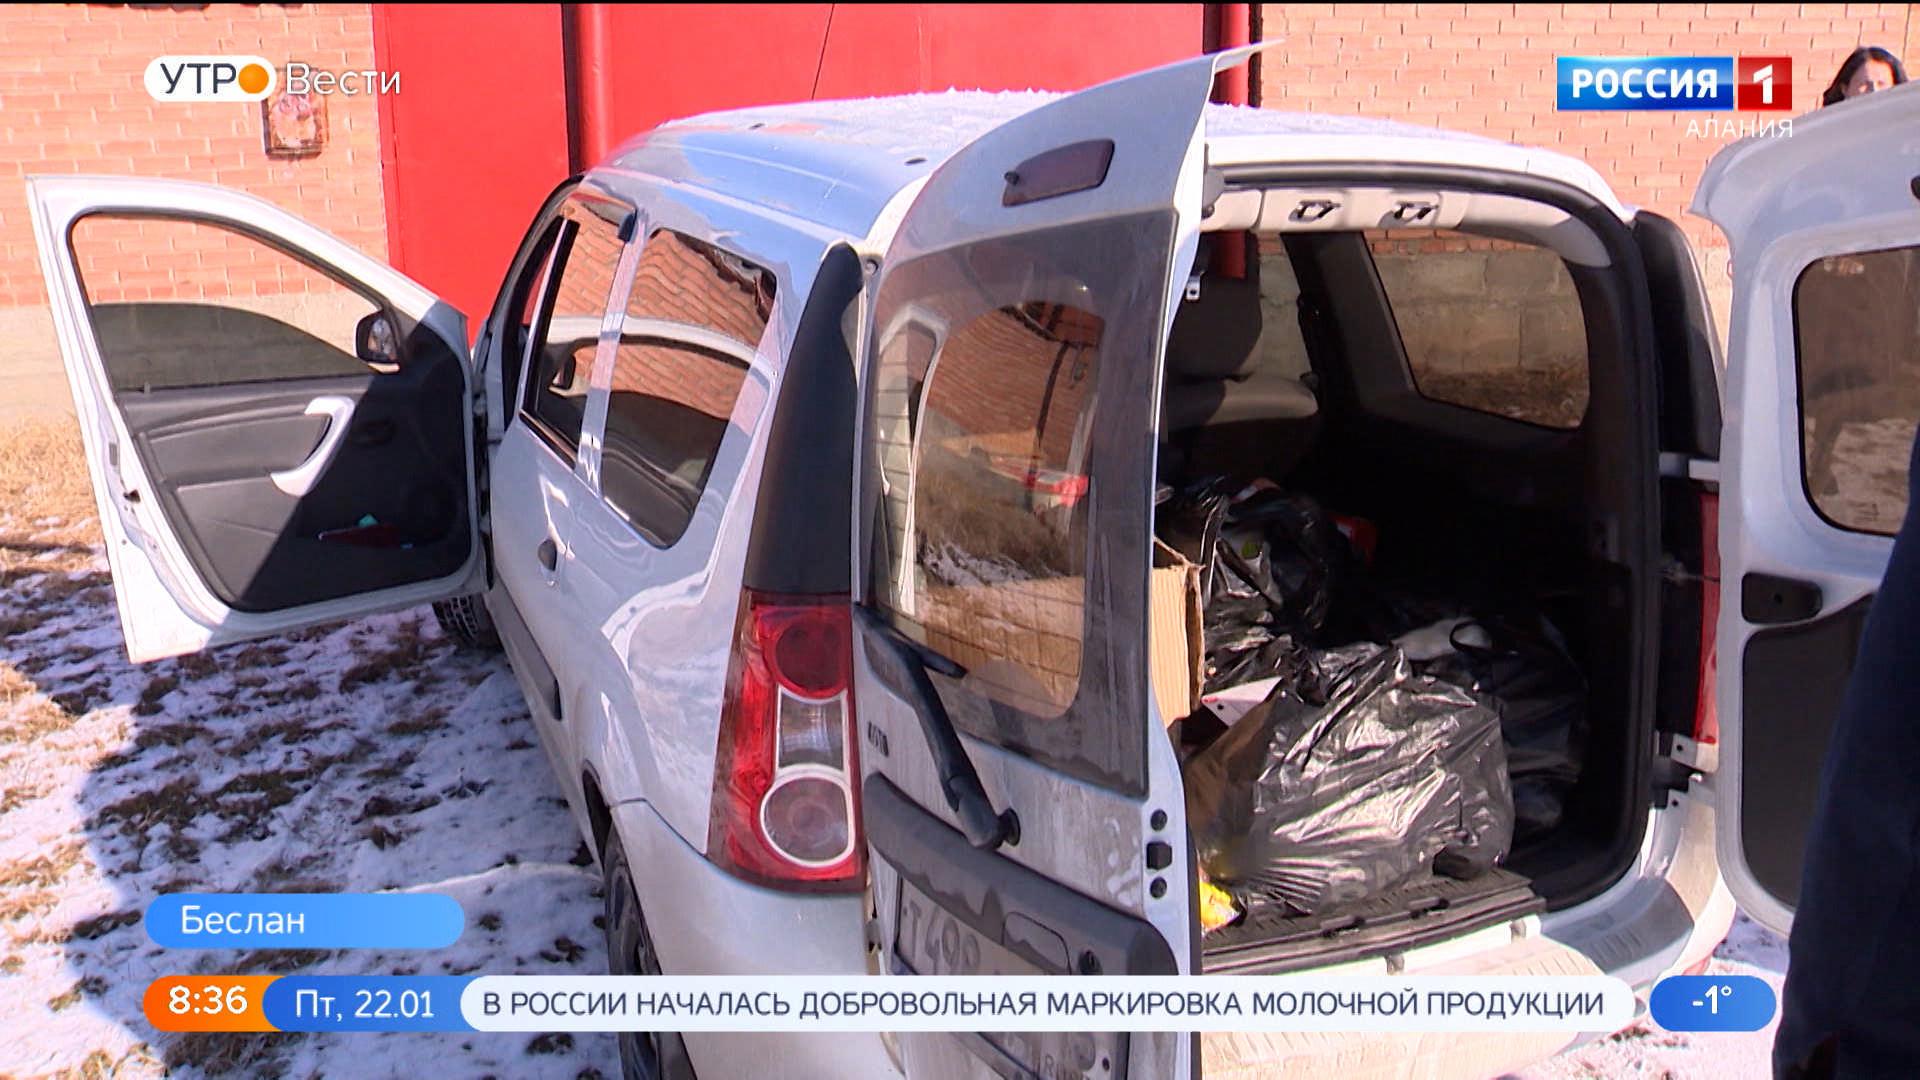 В Северной Осетии проходит акция помощи многодетным и малоимущим семьям